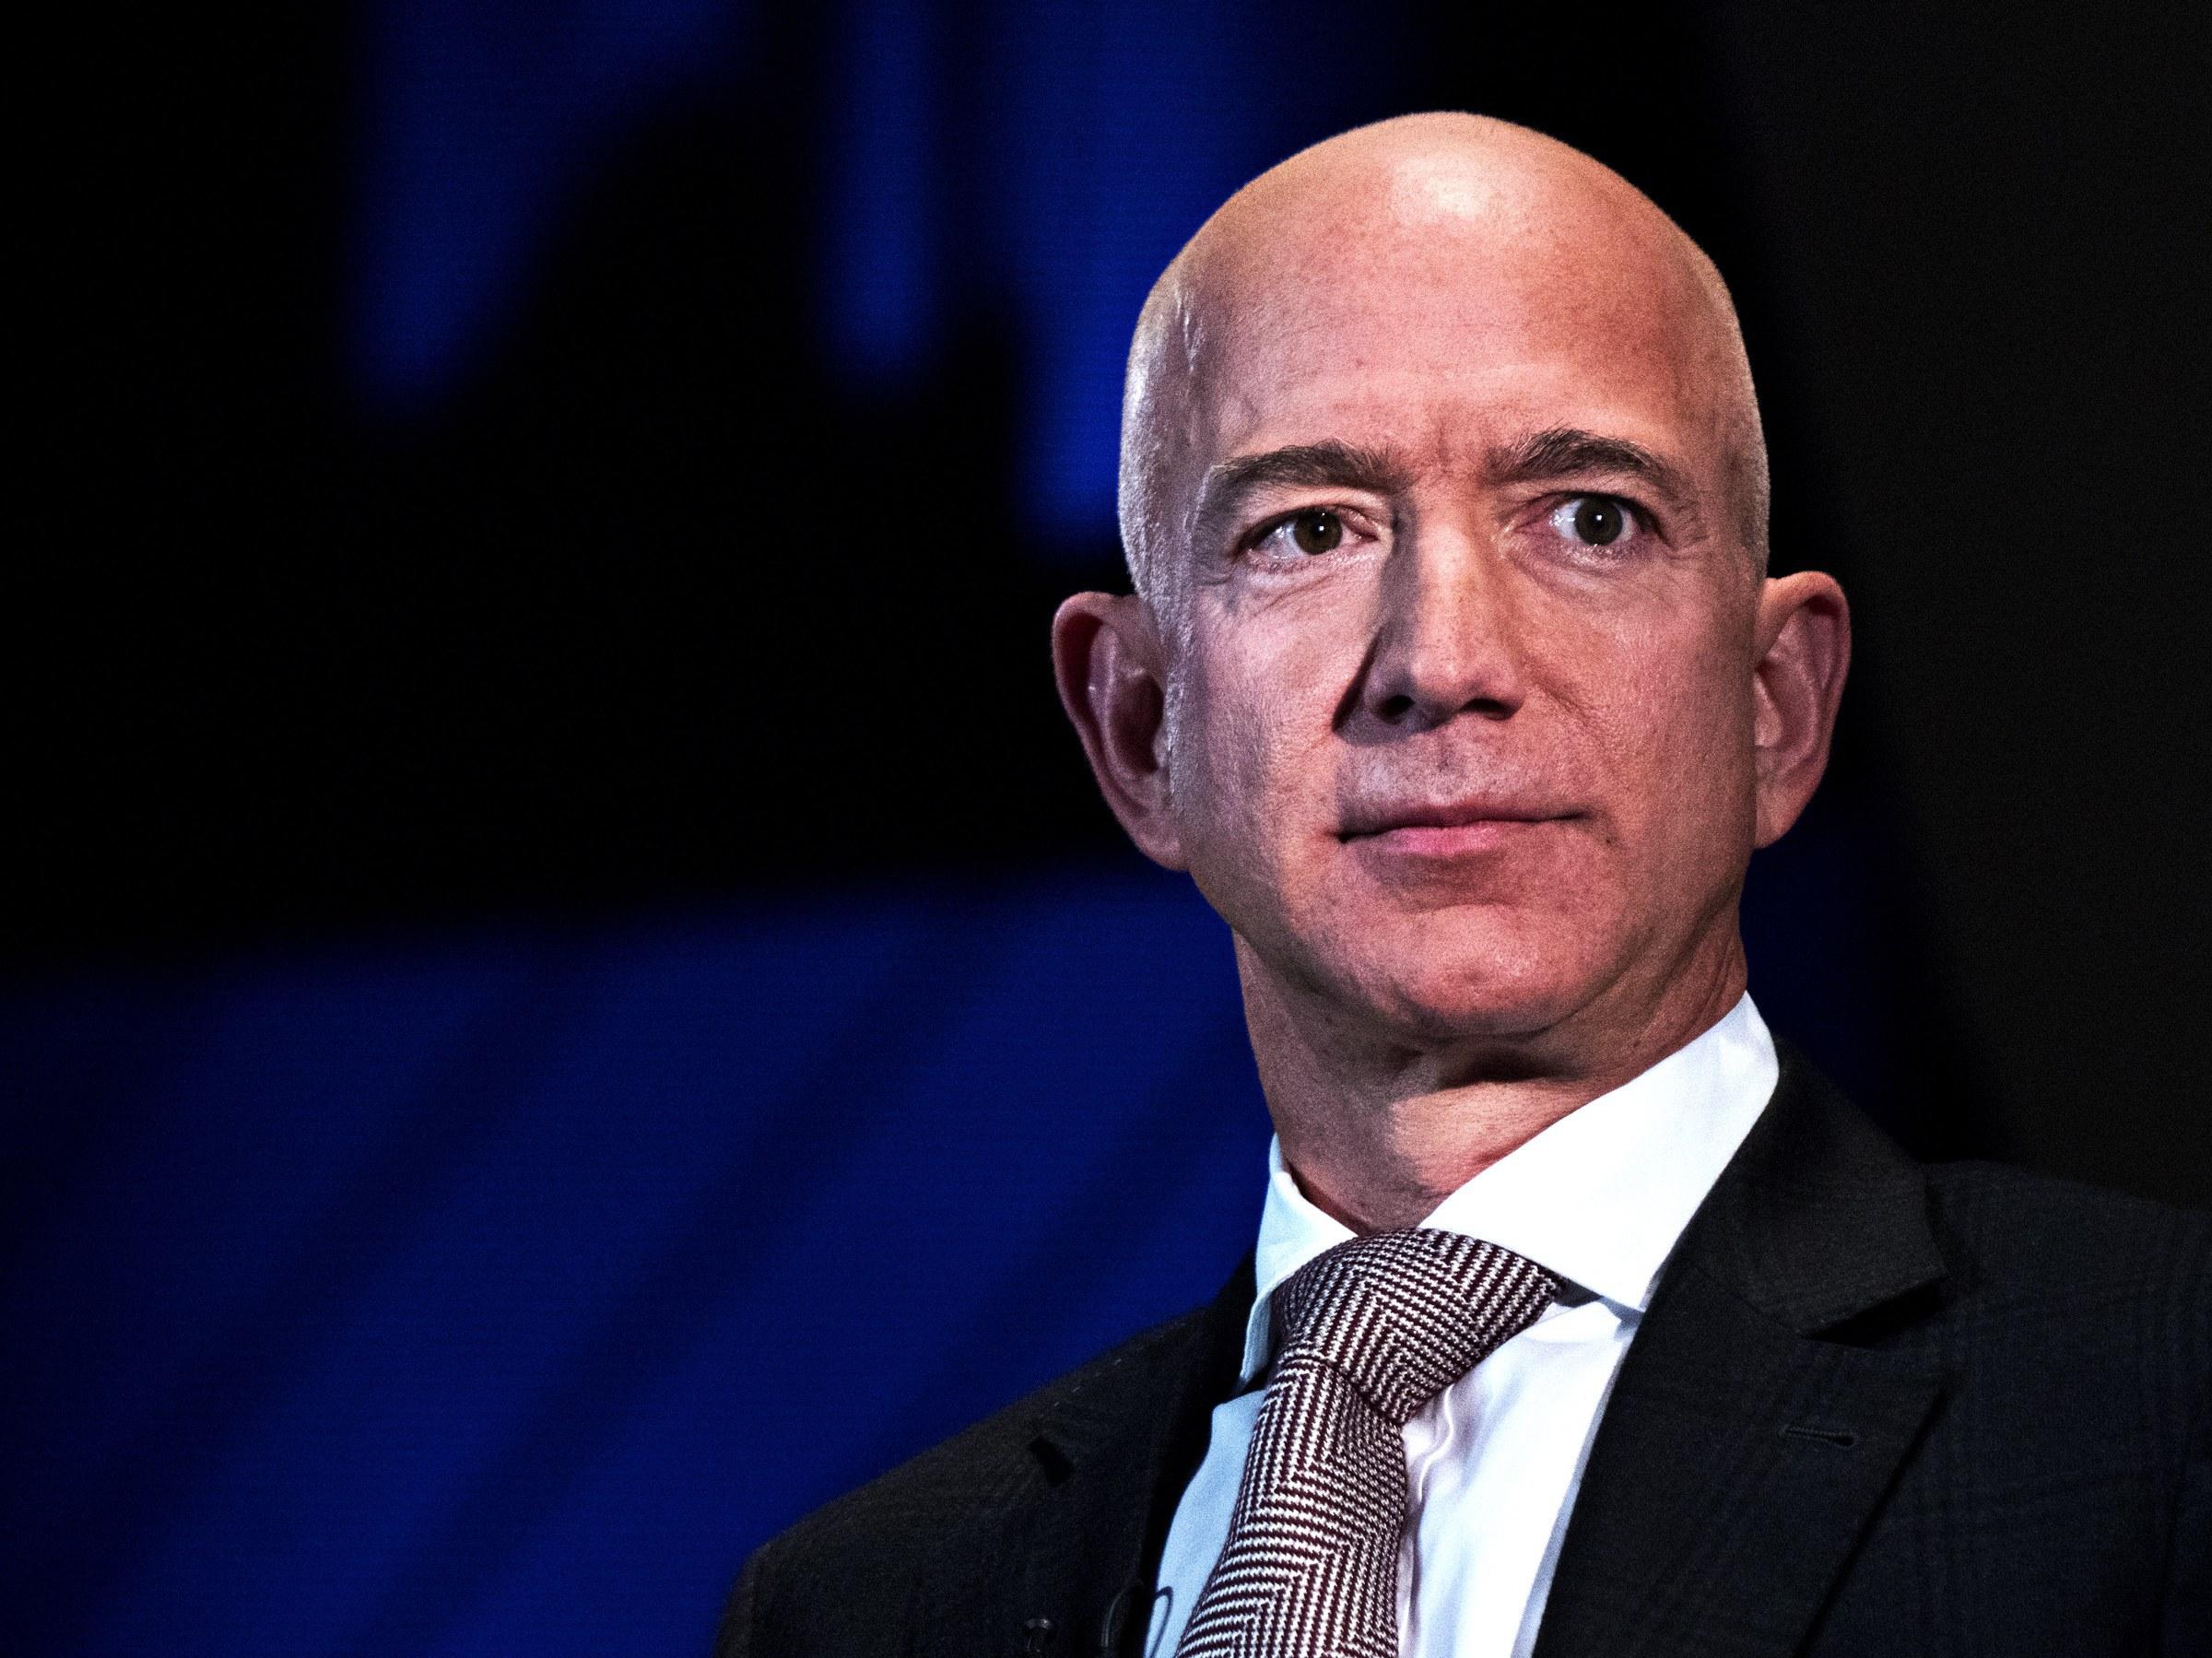 amazon-sar-putea-confrunta-cu-o-amenda-masiva-de-23-miliarde-dolari